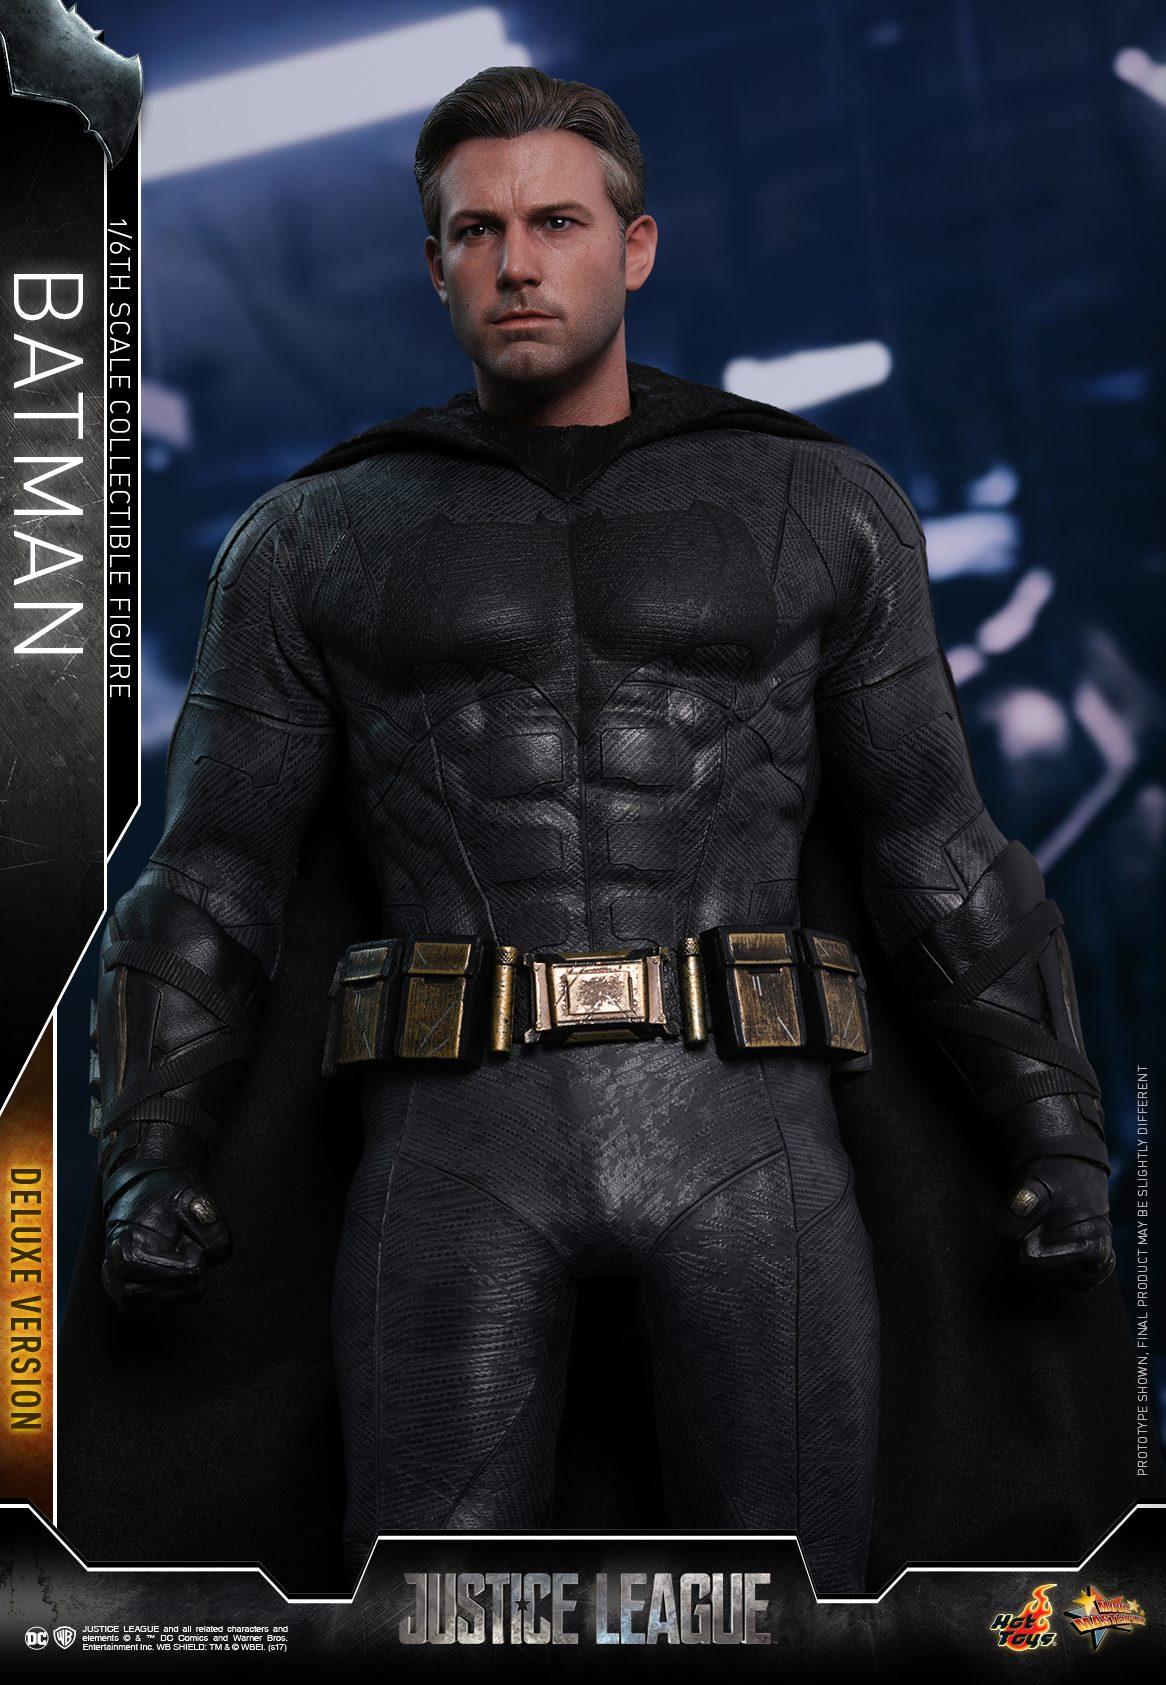 Hot-Toys-Deluxe-Batman-Justice-League-005